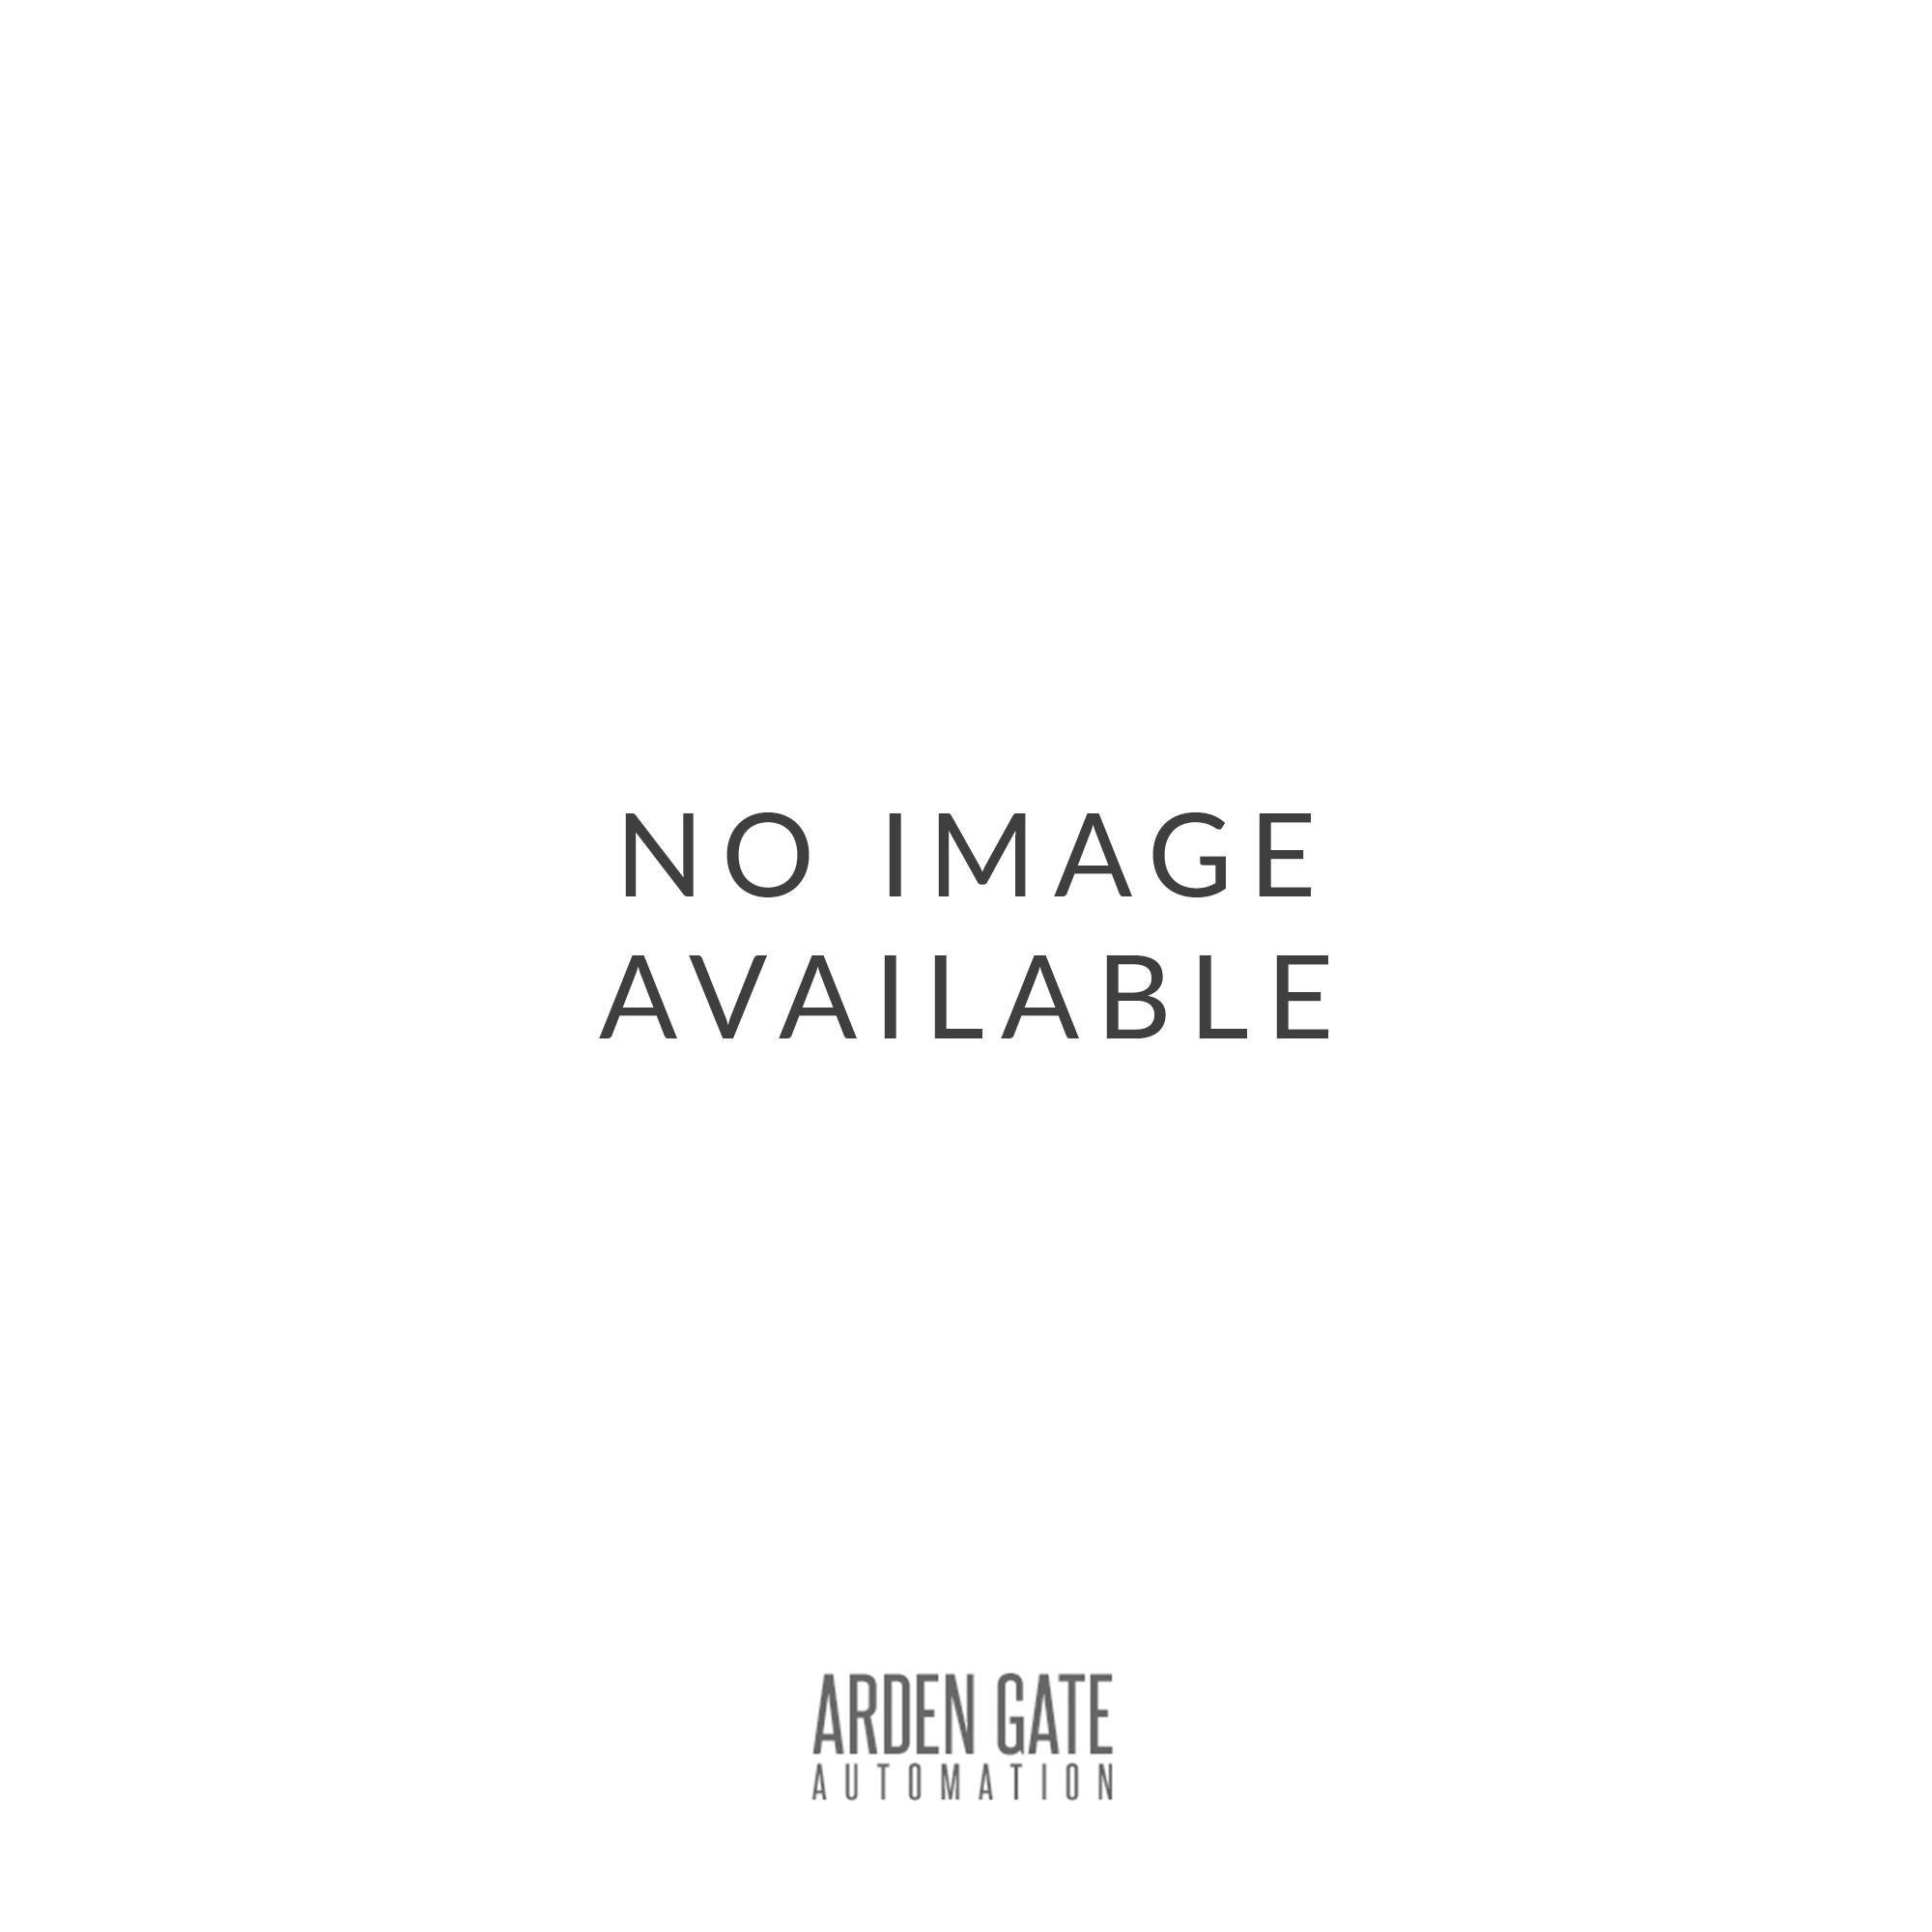 FROG-PM6 230v Electro mechanical underground operator